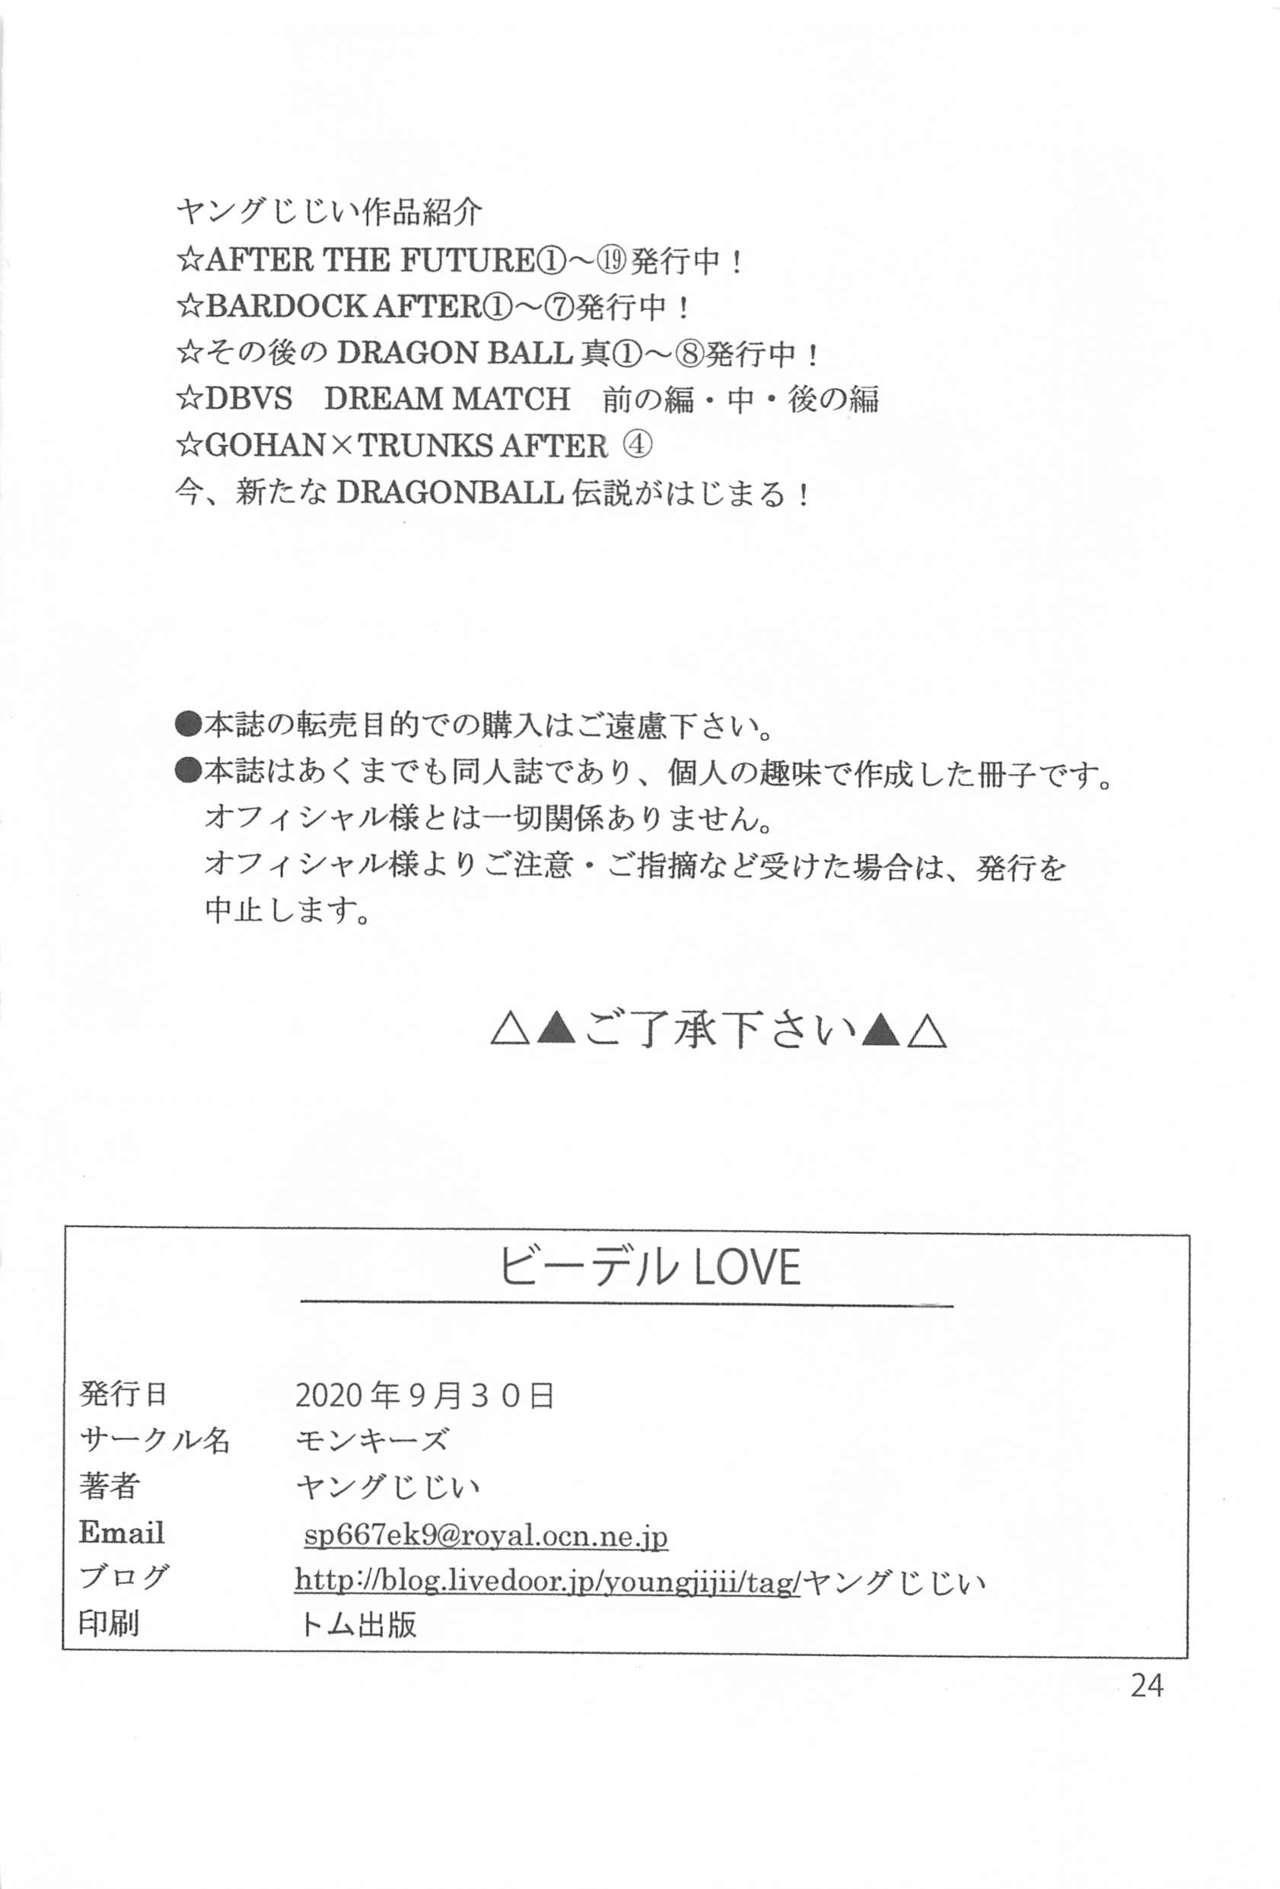 Videl LOVE 24